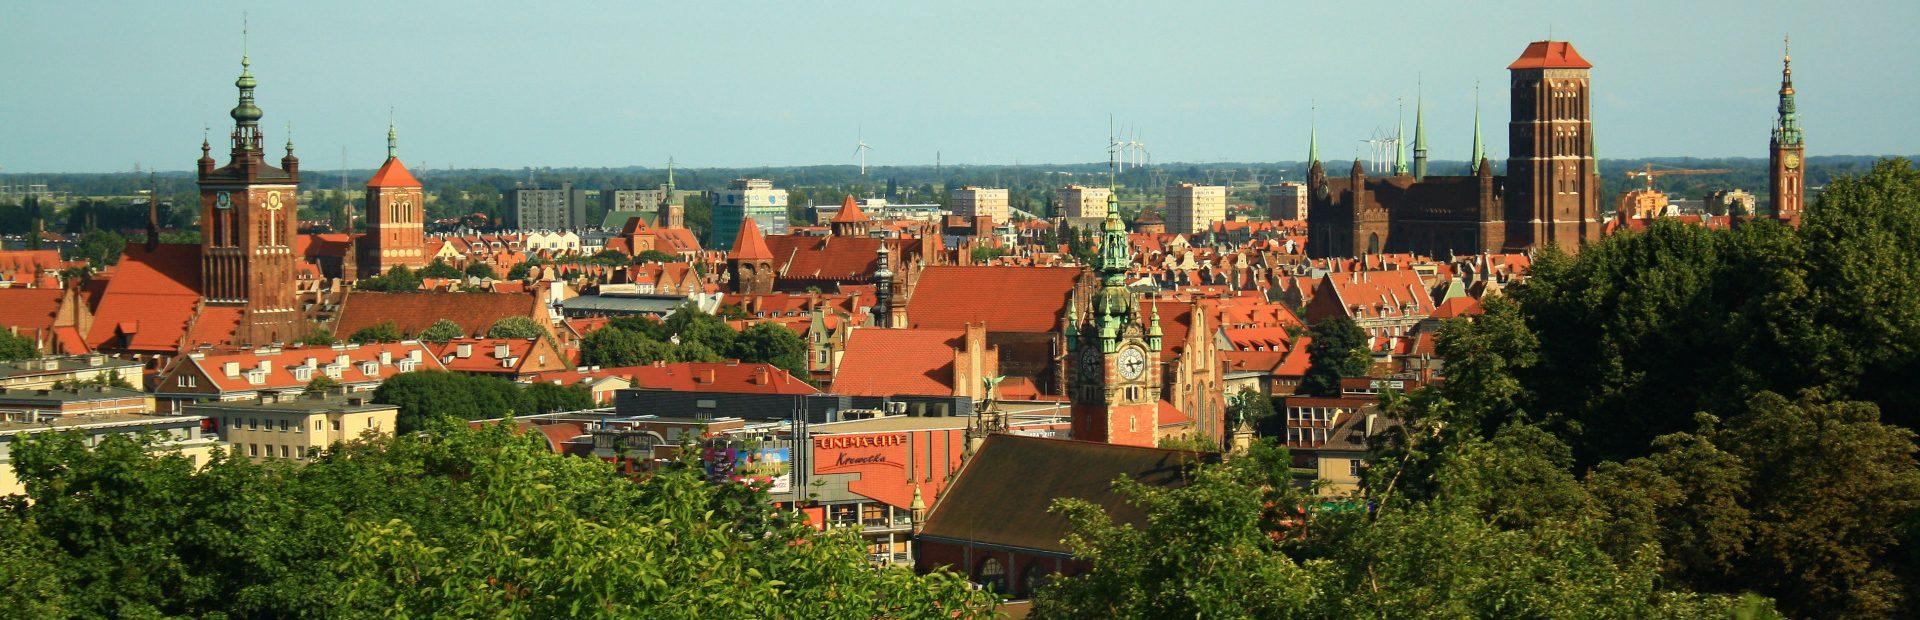 Punkty widokowe w południowych dzielnicach Gdańska